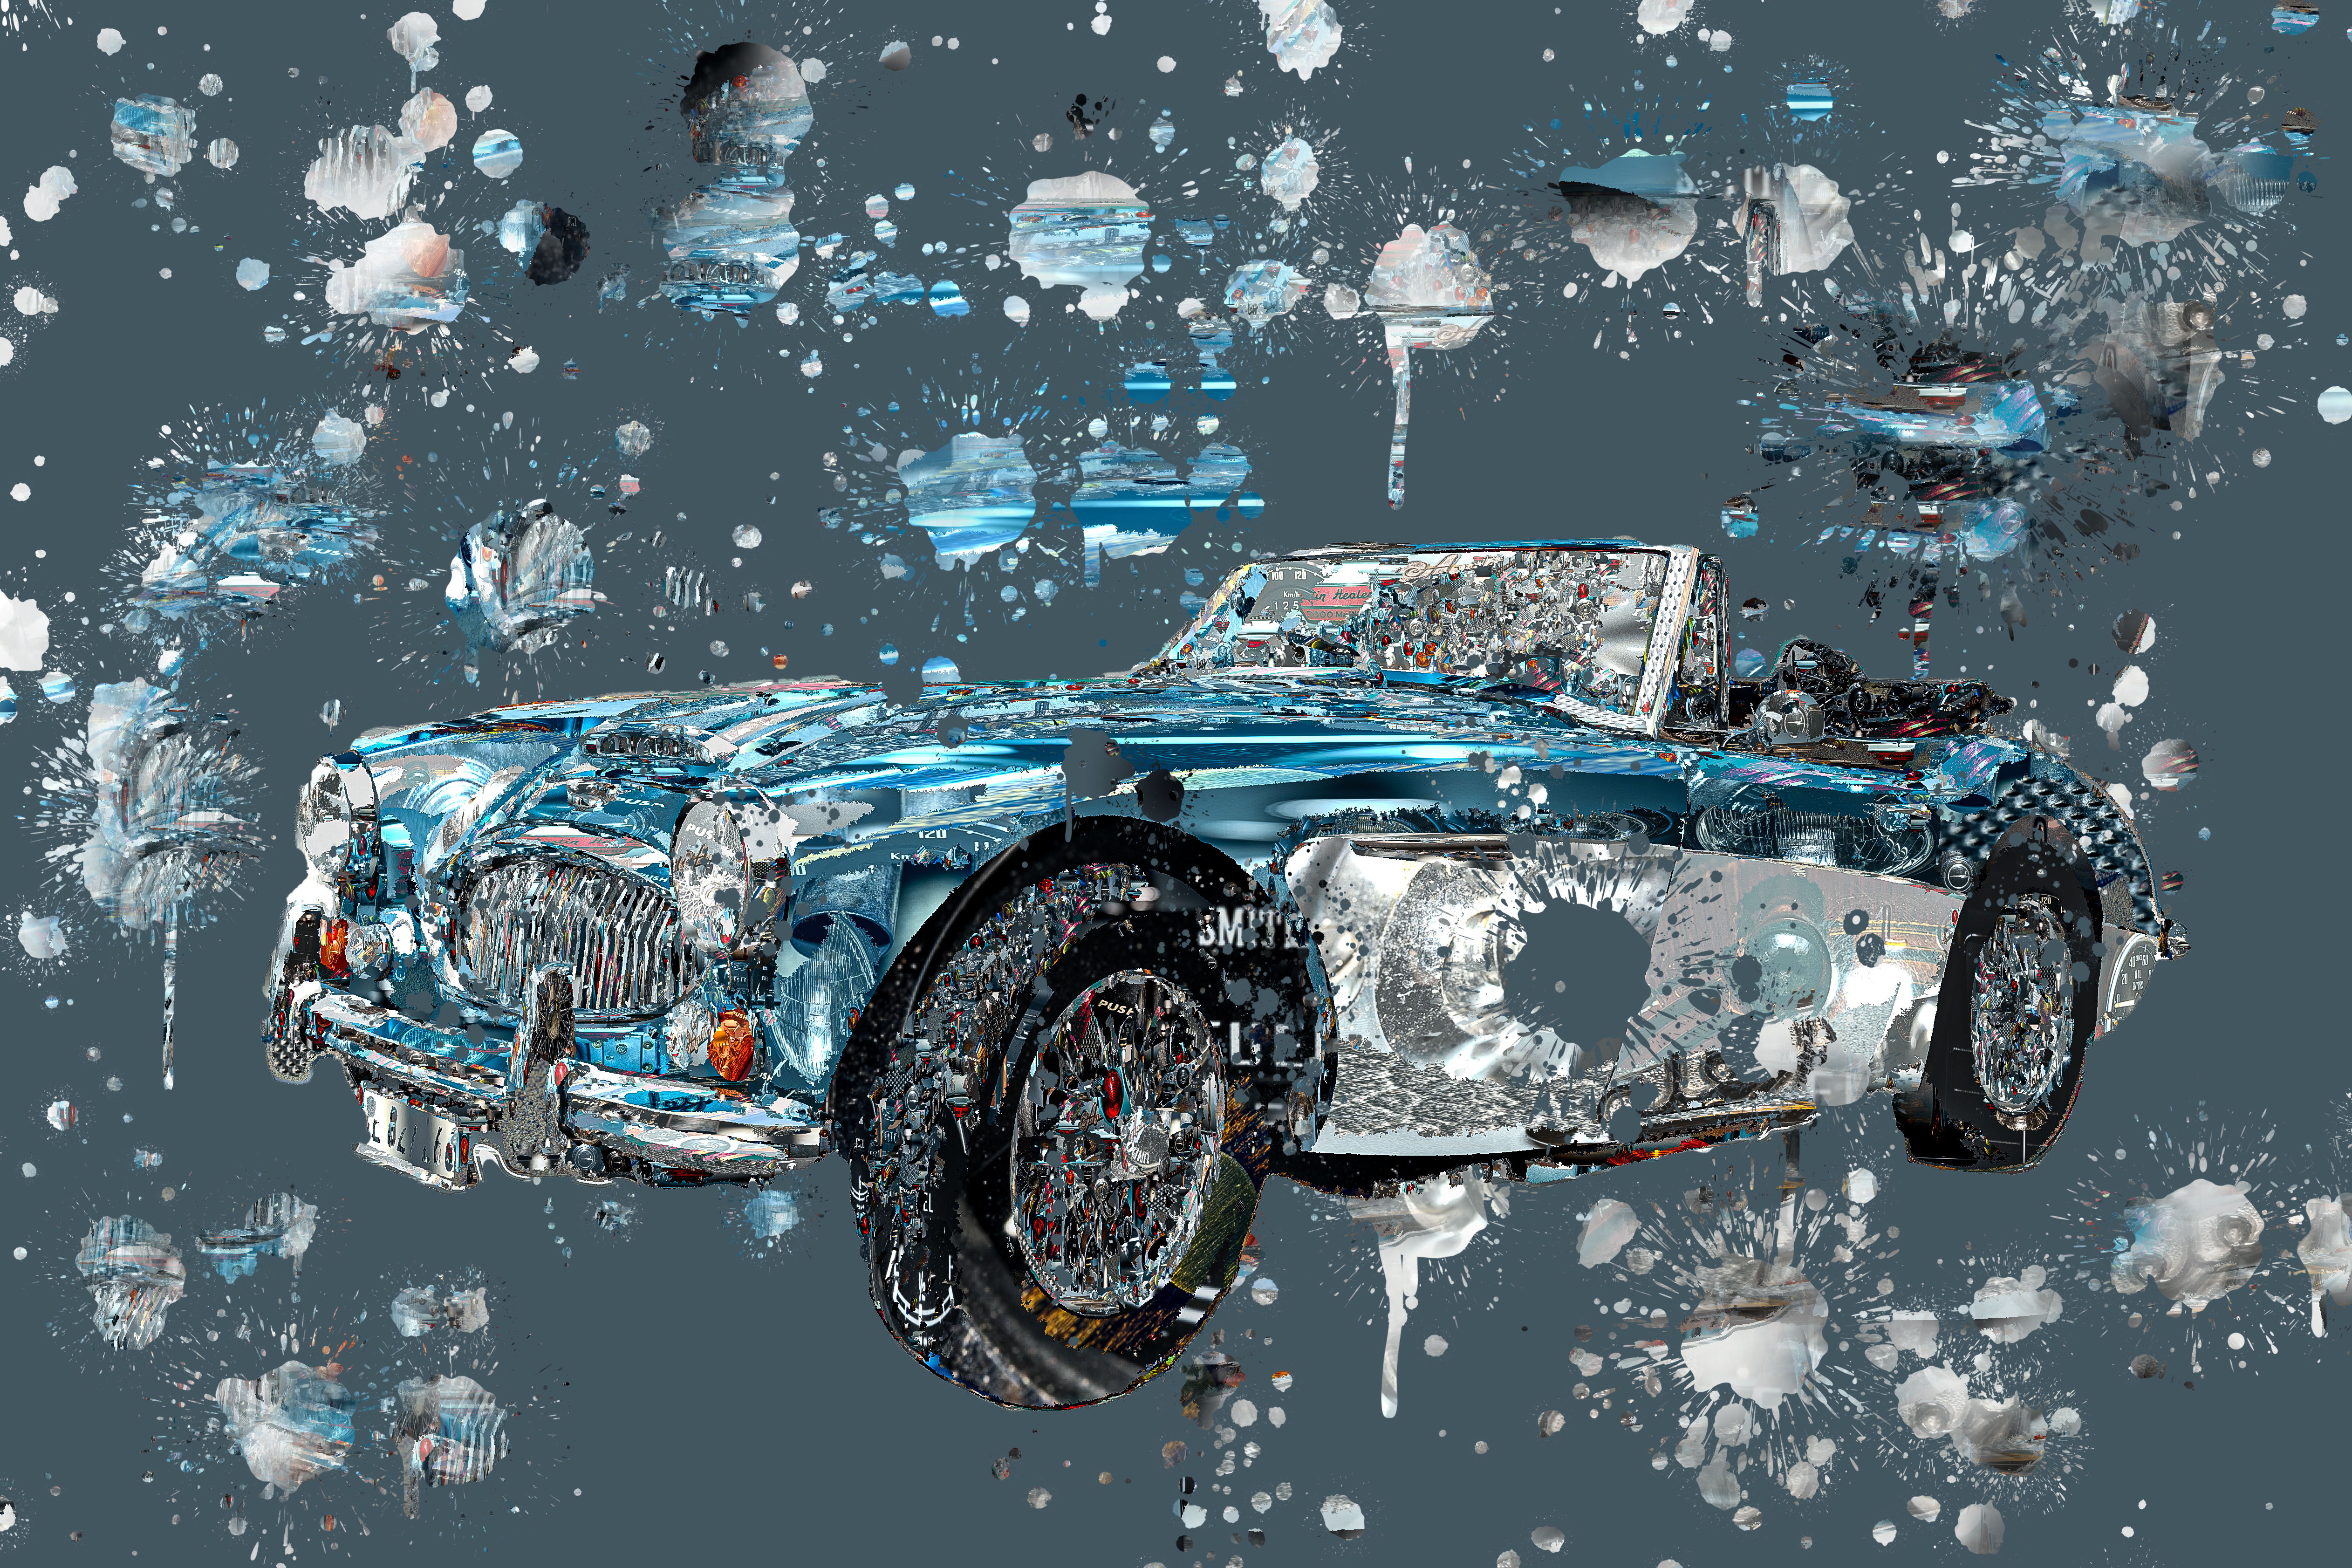 Healey splash